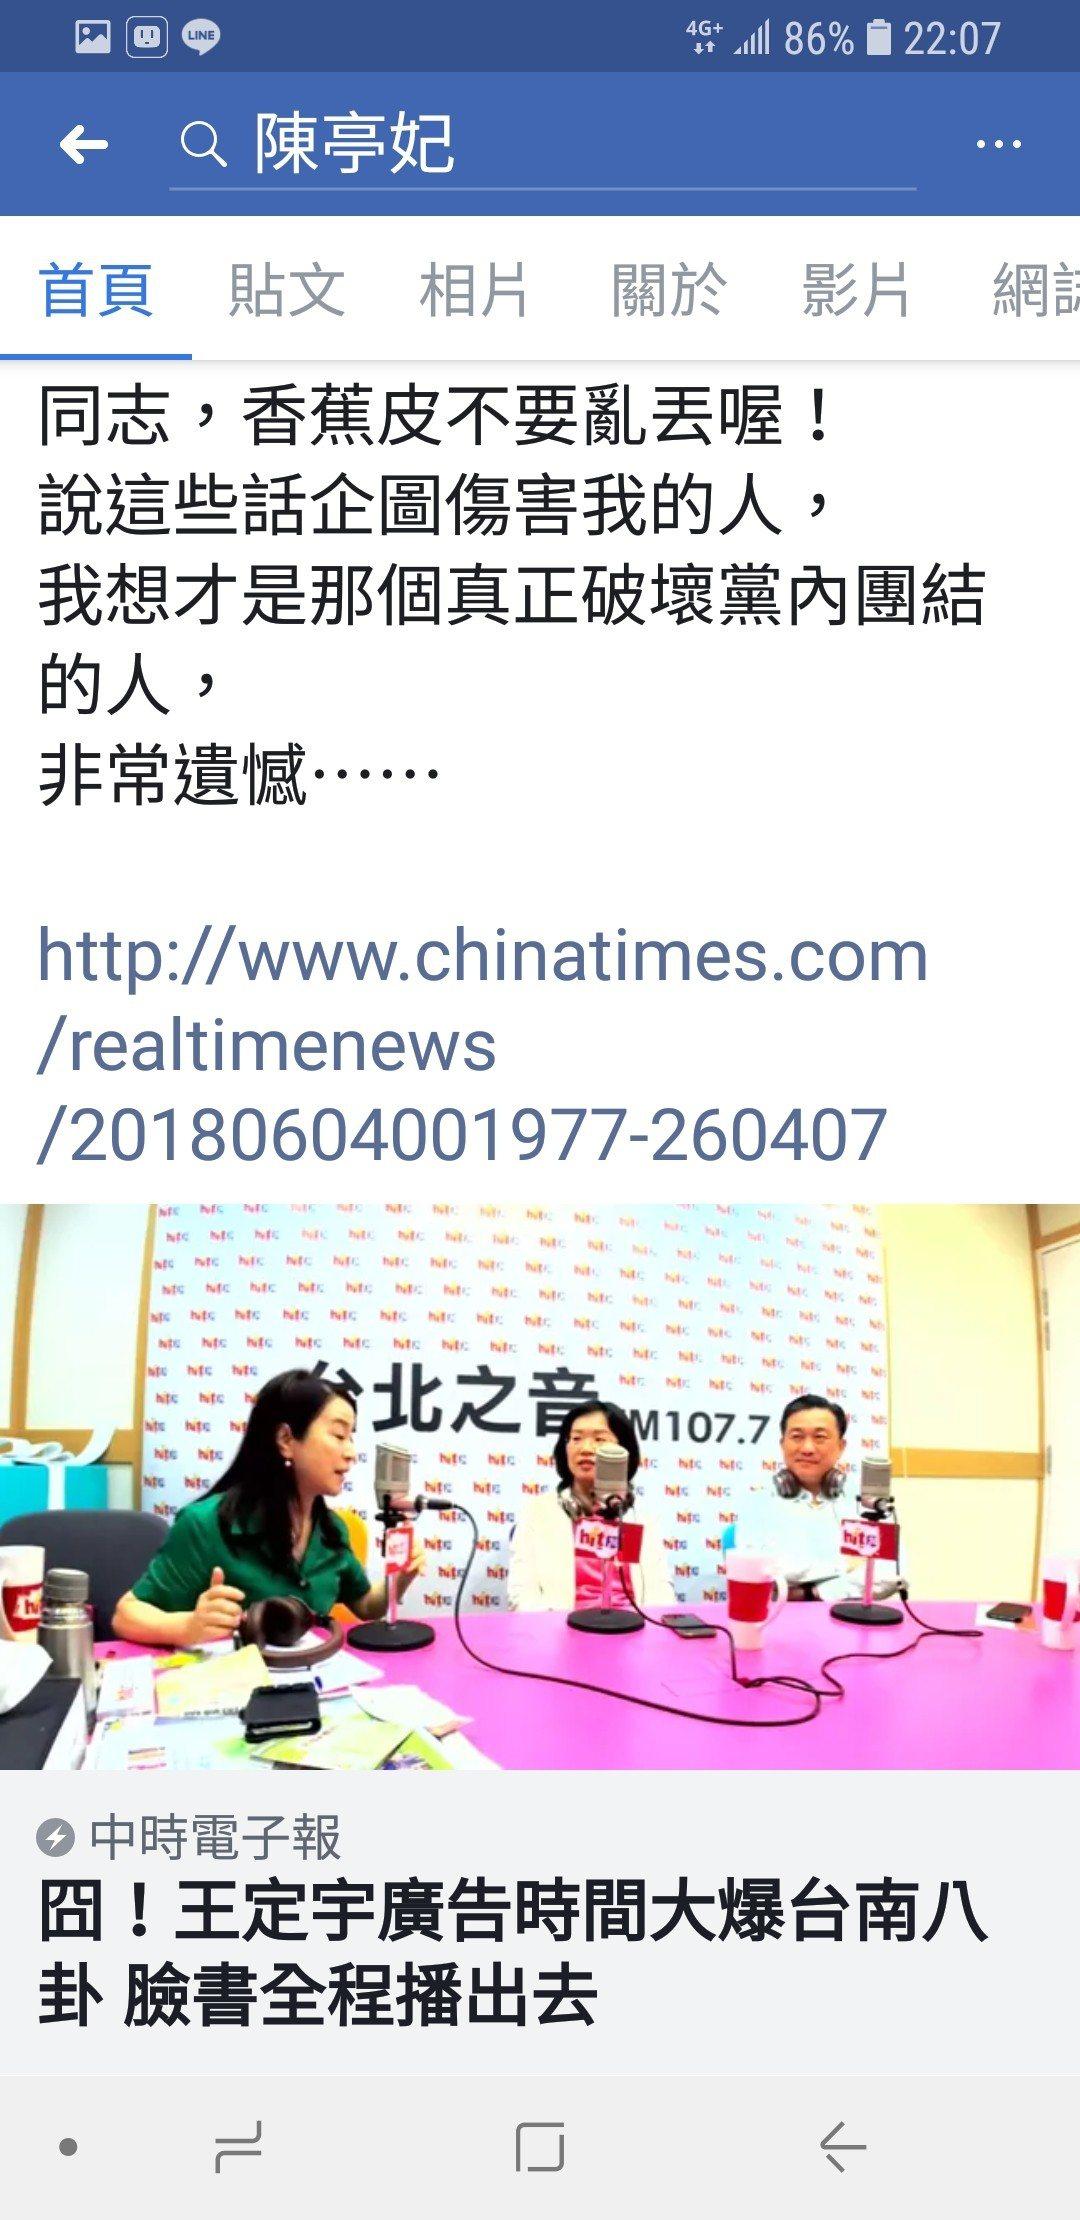 陳亭妃在自己的臉書上暗批王定宇「亂丟香蕉皮」。圖/取自網路